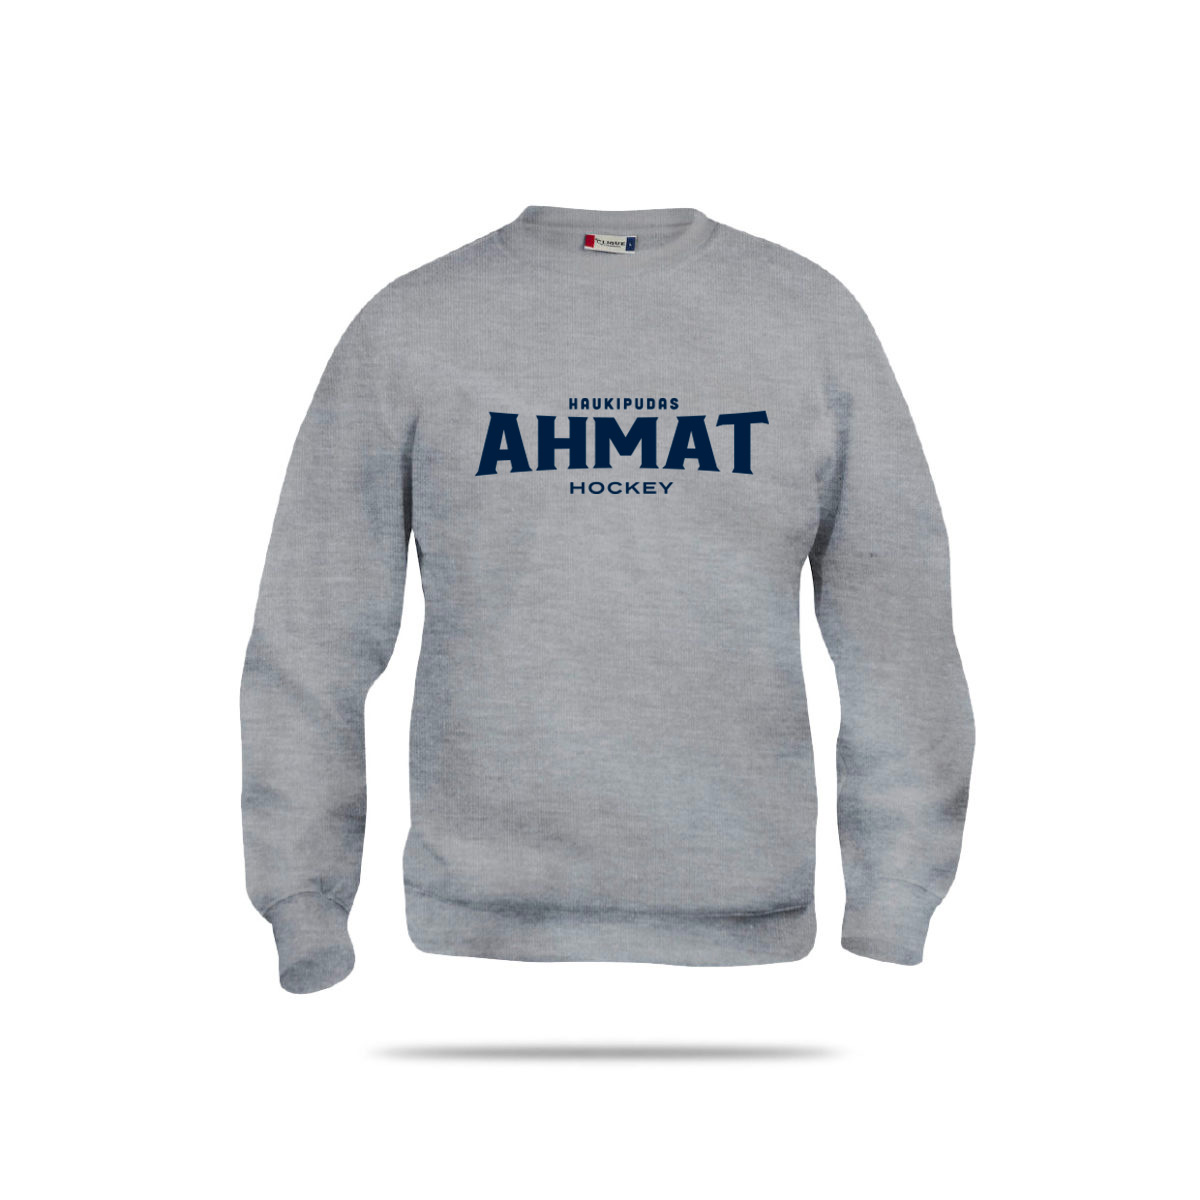 Ahmat-fani-3023-harmaa-text